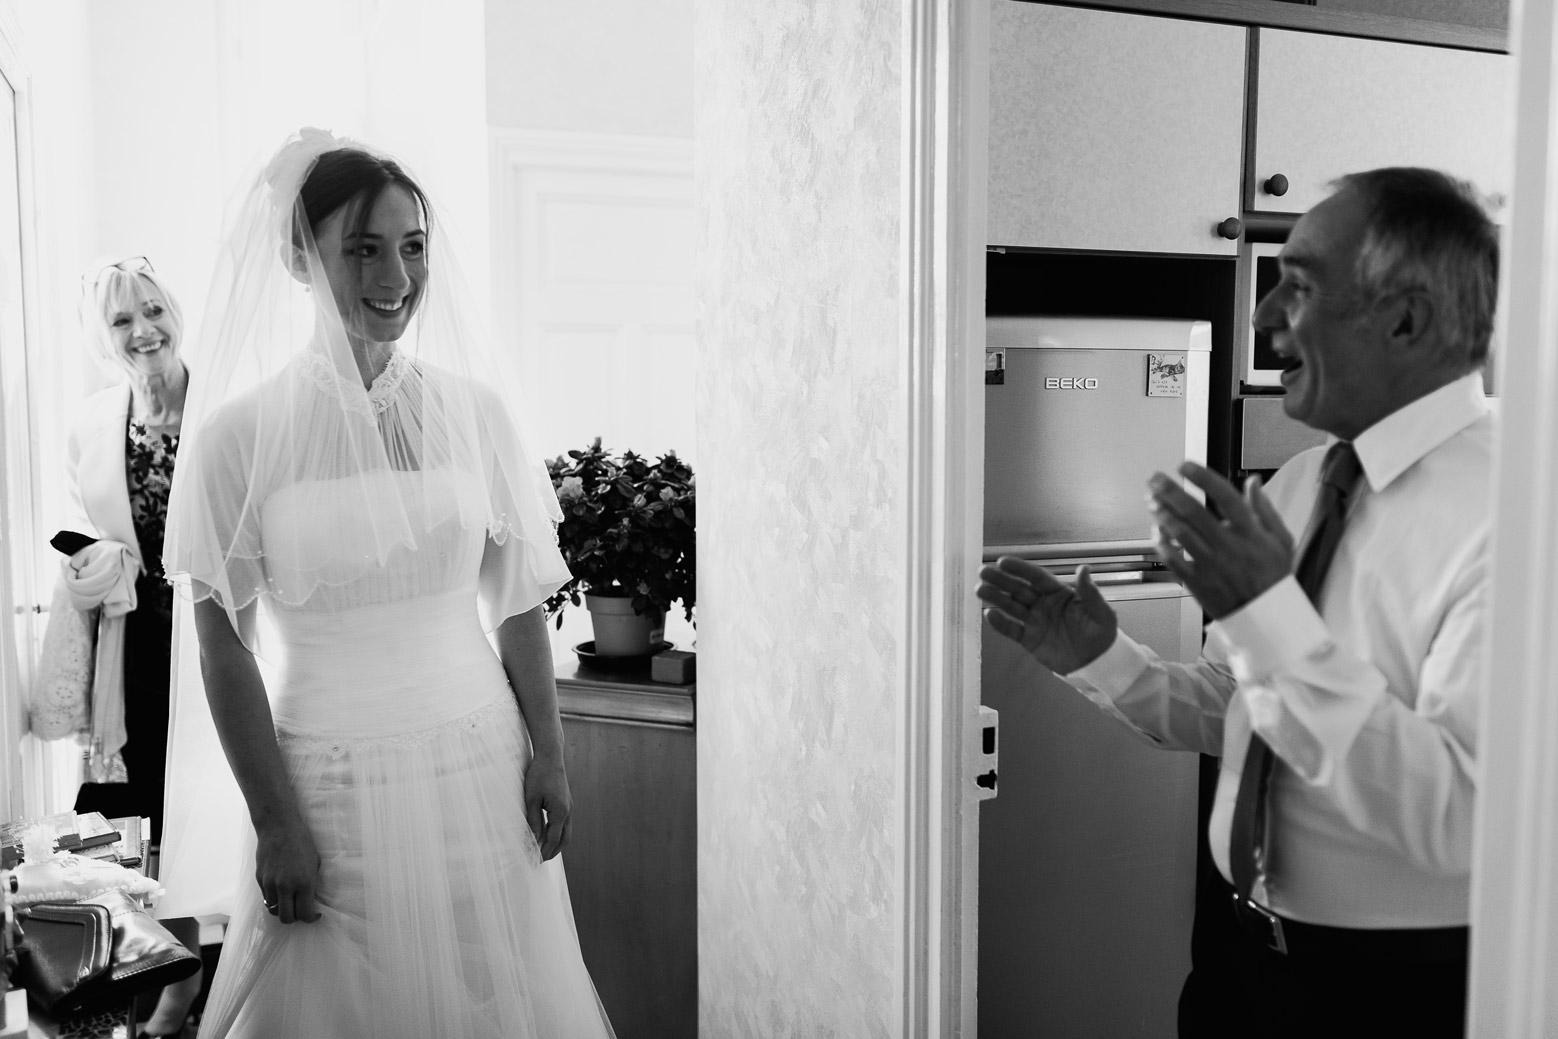 Hotel Royal Saint Mart Royat Clermont Ferrand Découverte de la mariée par le papa. Beaucoup d'émotion